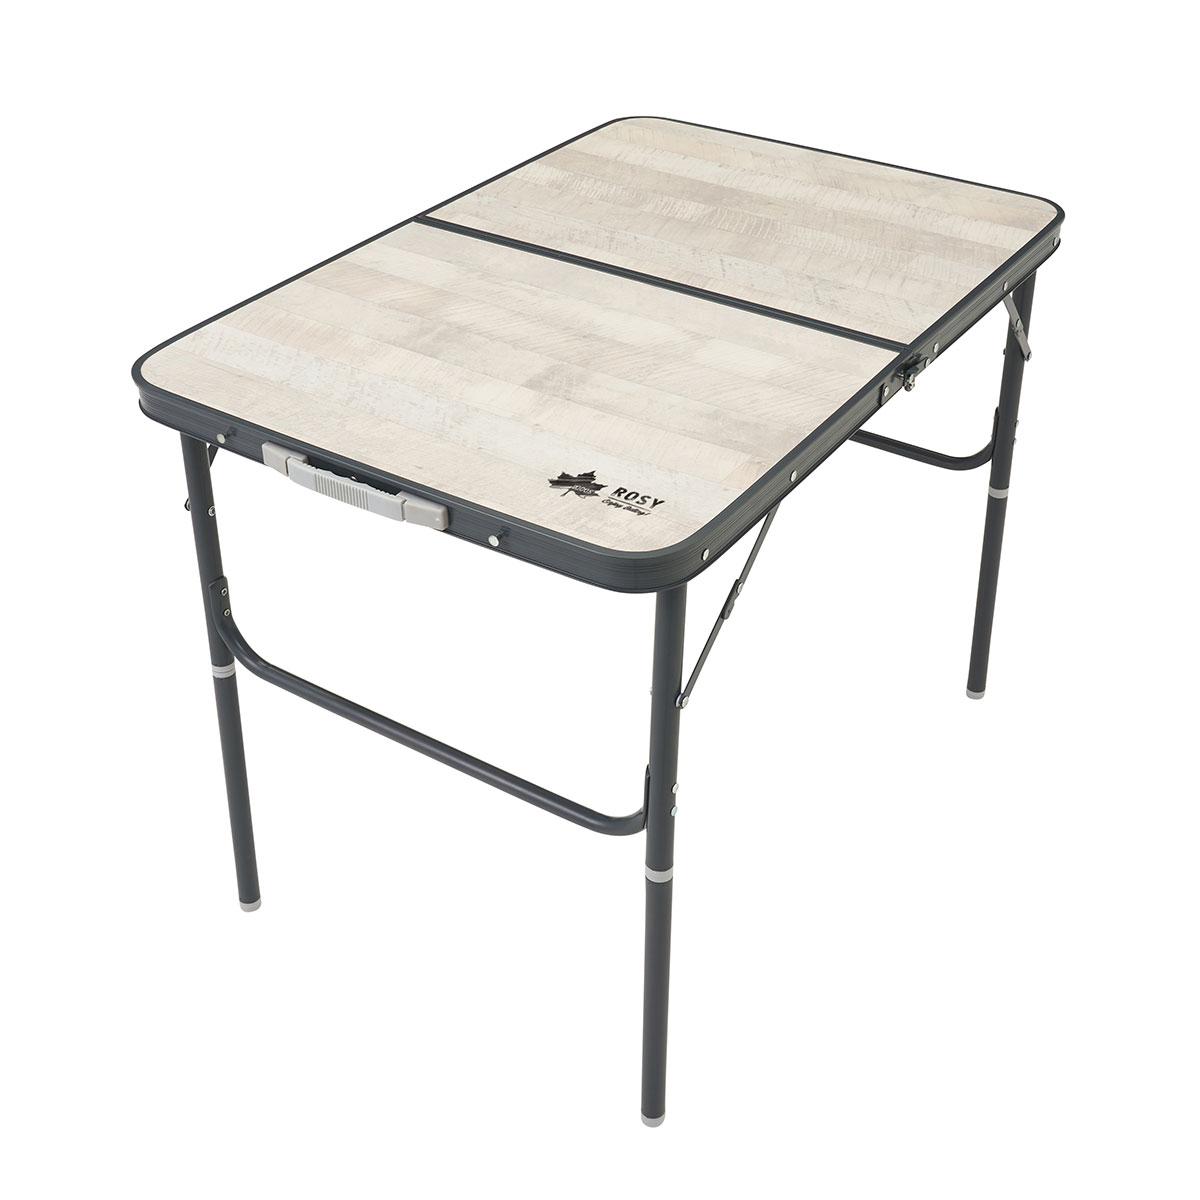 ROSY ファミリーテーブル 9060